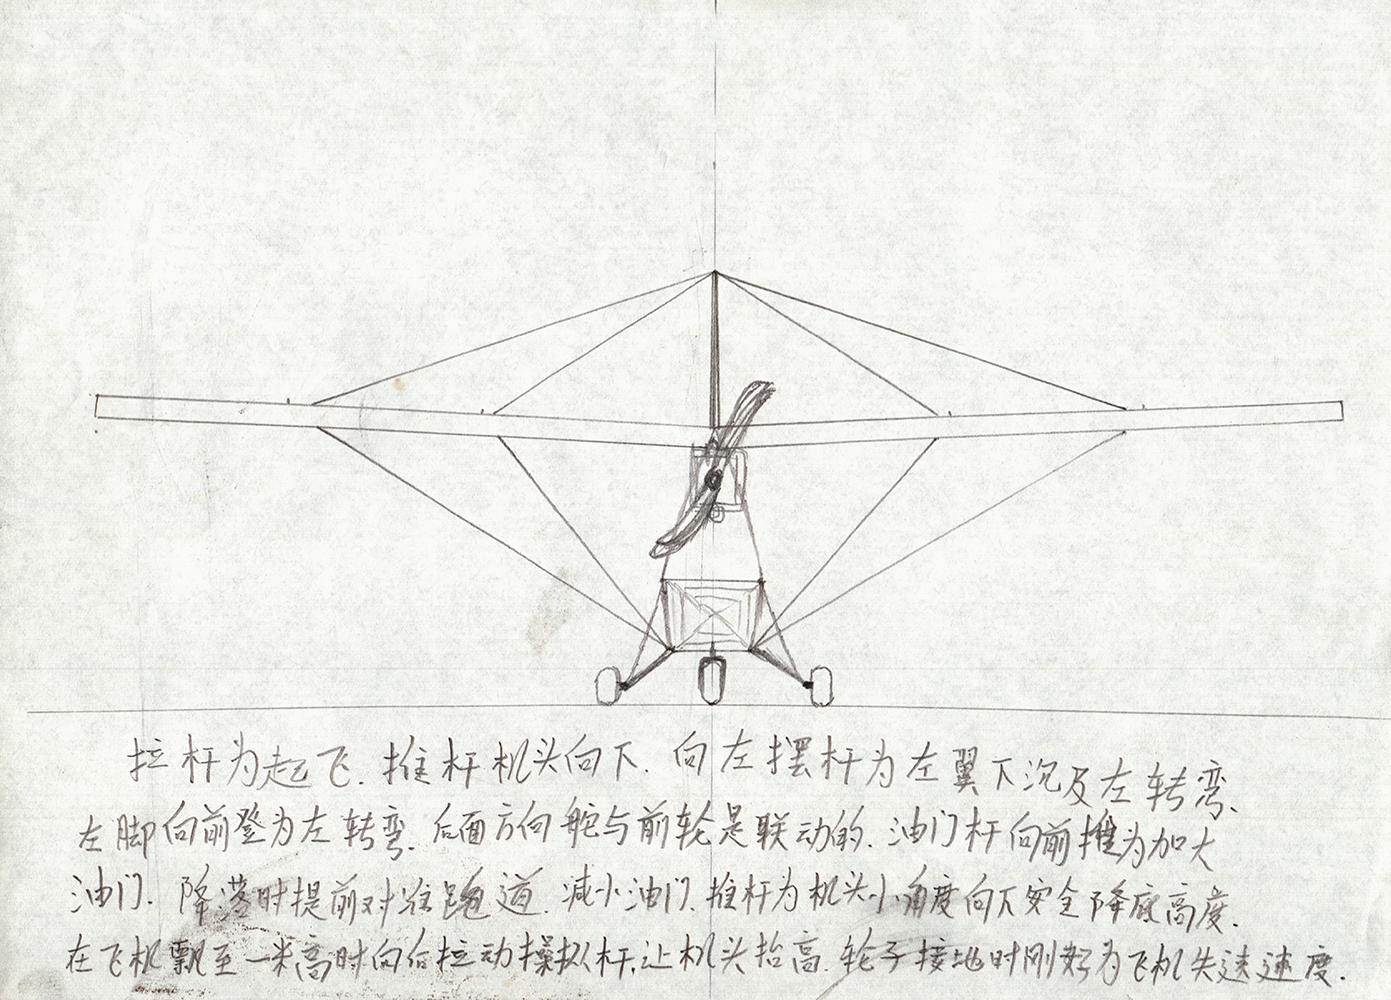 xiaoxiao-xu-aeronautics-in-the-backyards-2015-photography-of-china-wang-qiang_04.jpg